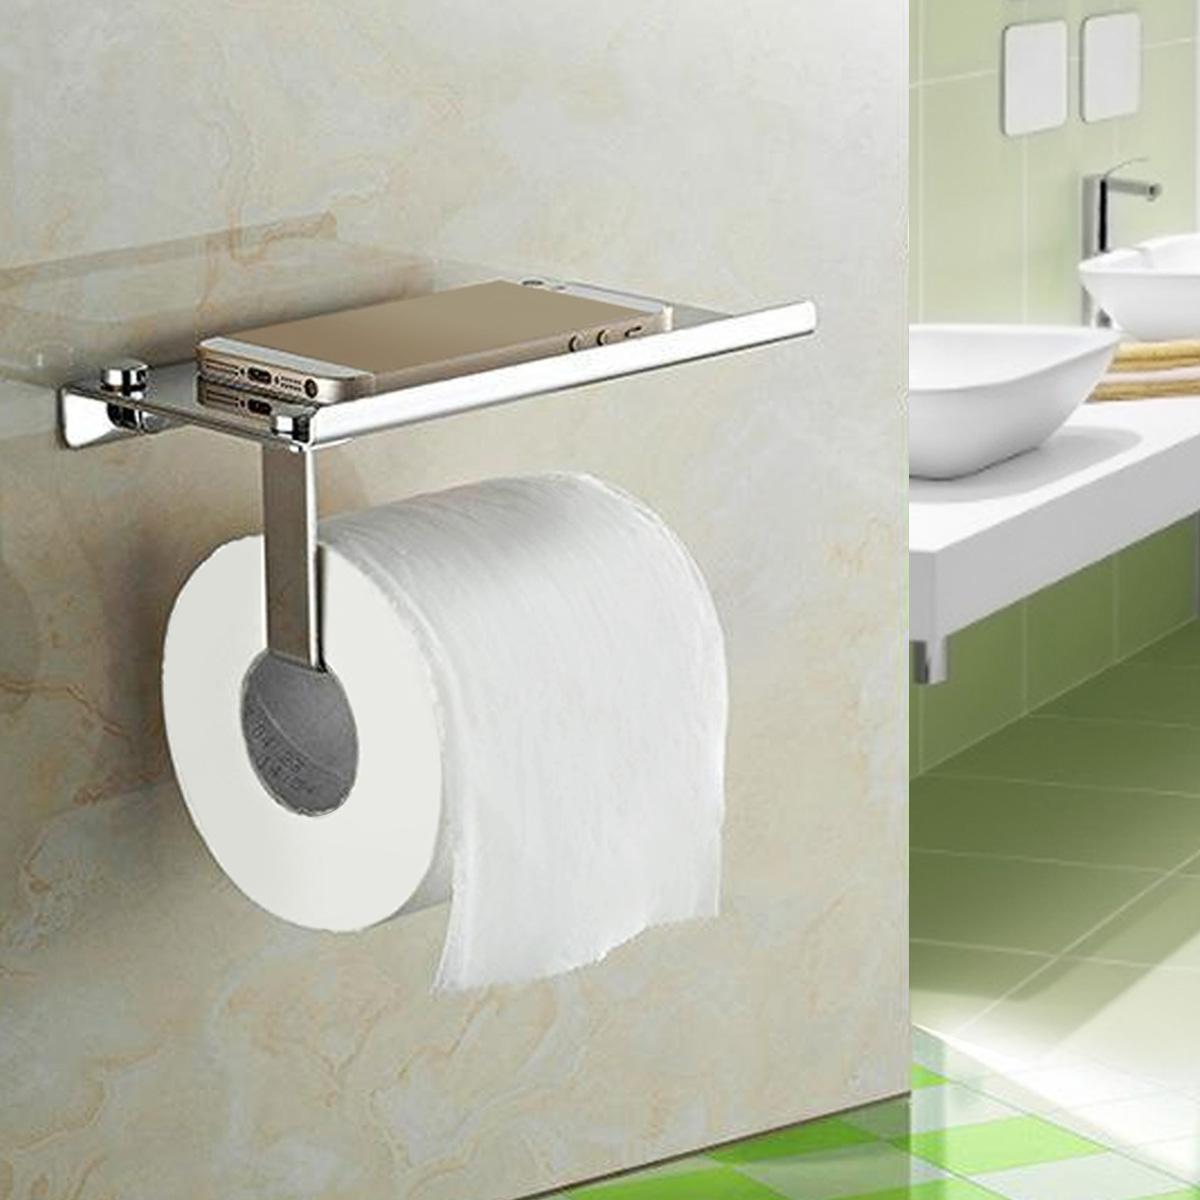 Stainless Steel Bathroom Toilet Paper Phone Holder Shelf Bathroom Mobile Rack